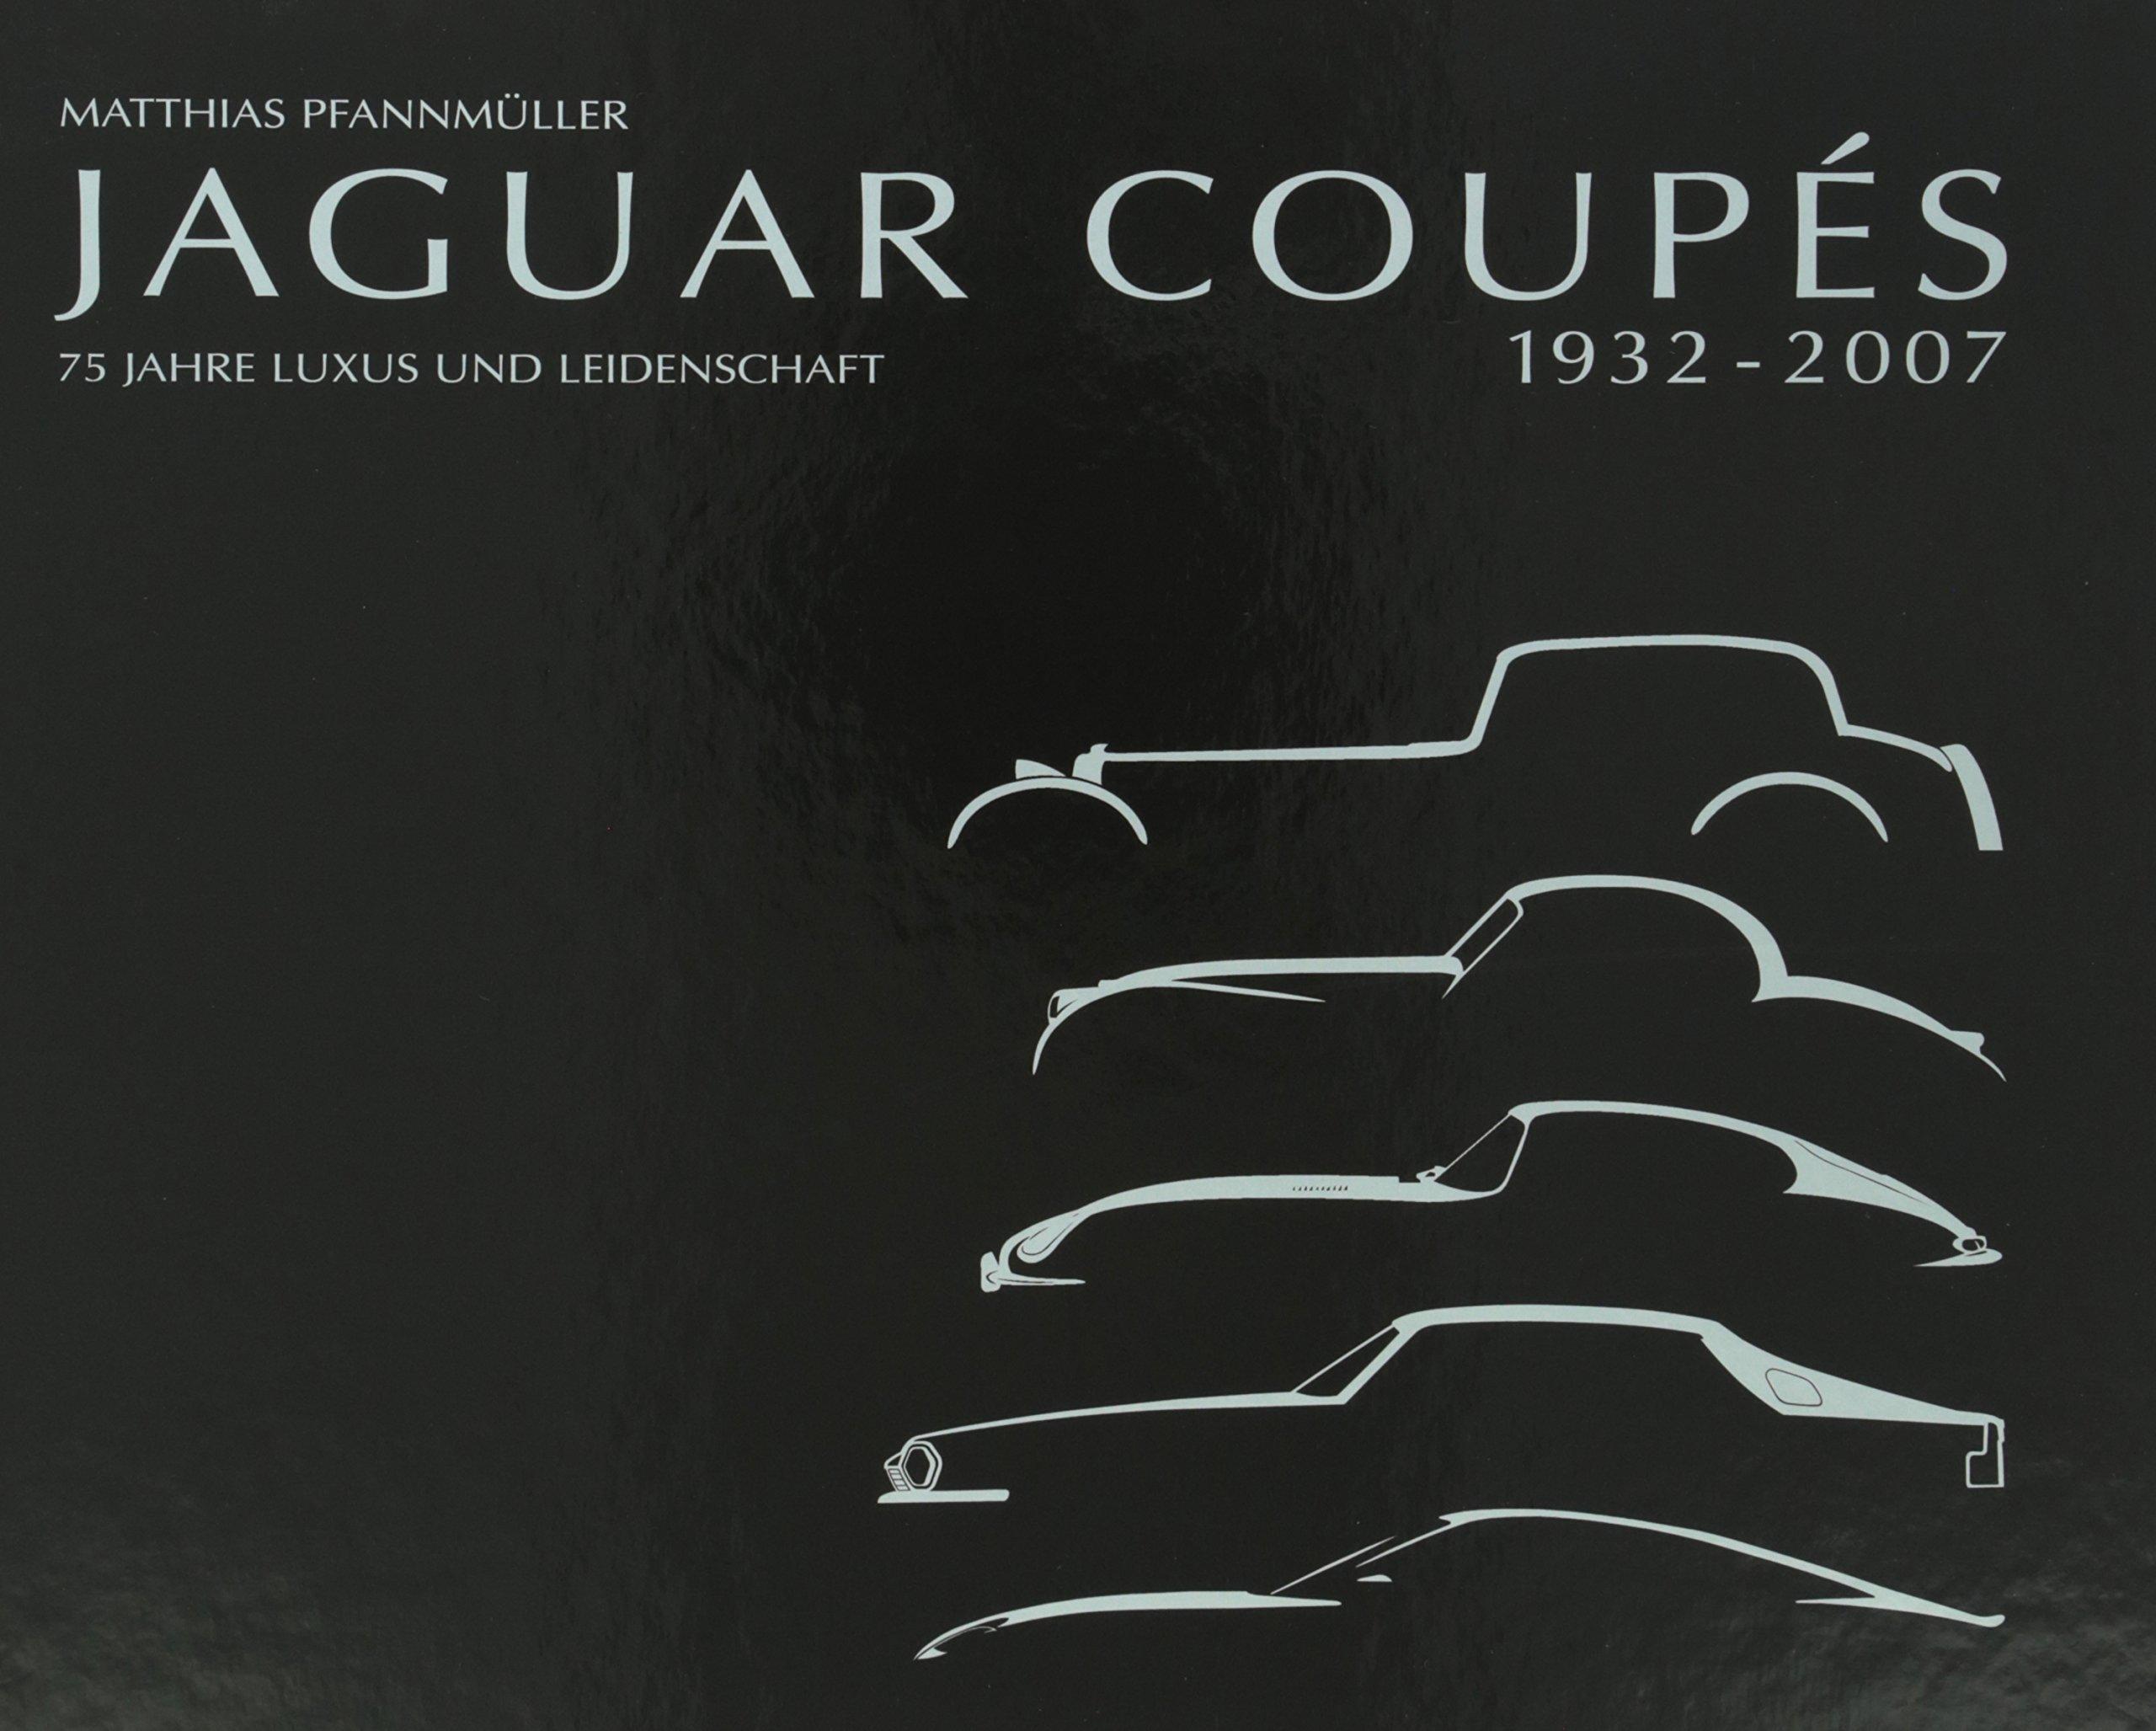 Jaguar Coupes 1932-2007: 75 Jahre Luxus und Leidenschaft